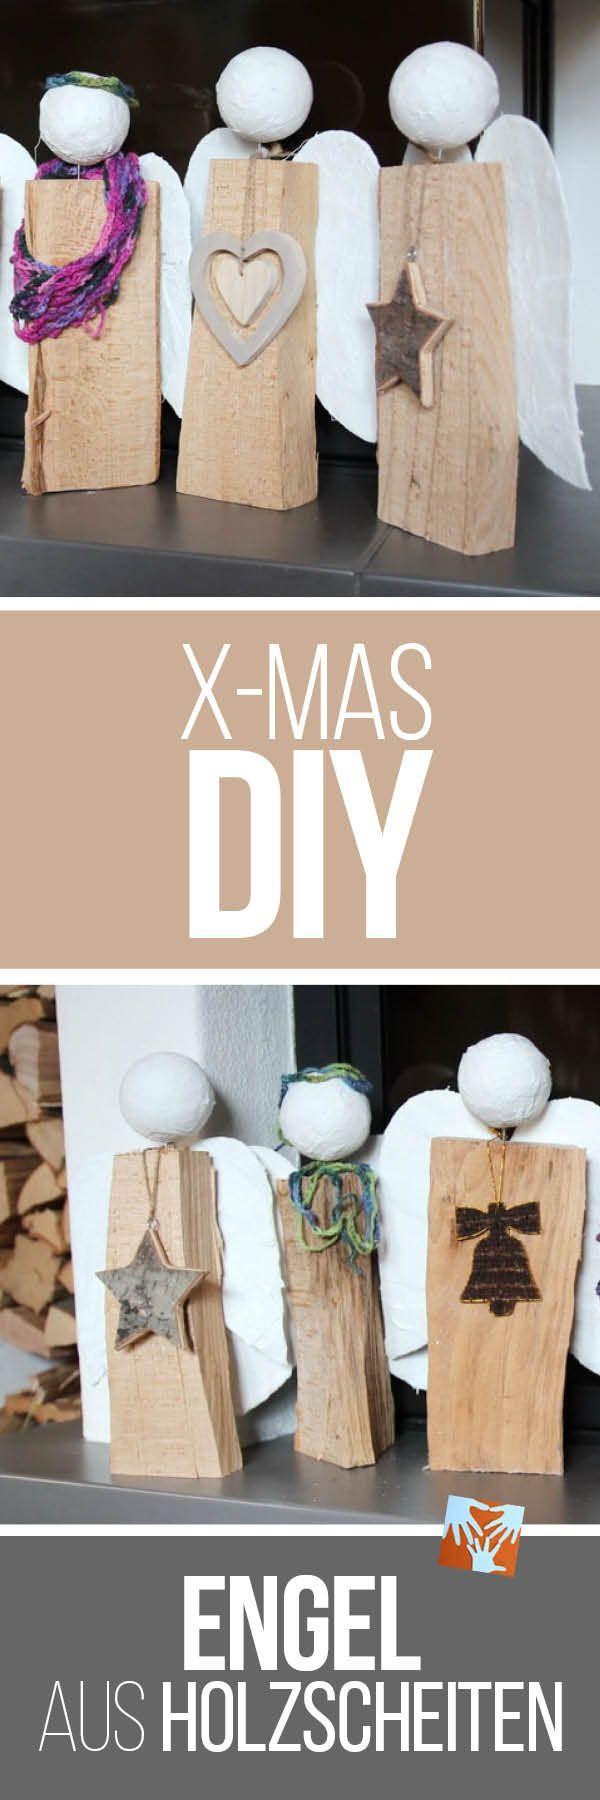 engel aus holzscheiten selbstgemachtes weihnachtsgeschenk. Black Bedroom Furniture Sets. Home Design Ideas